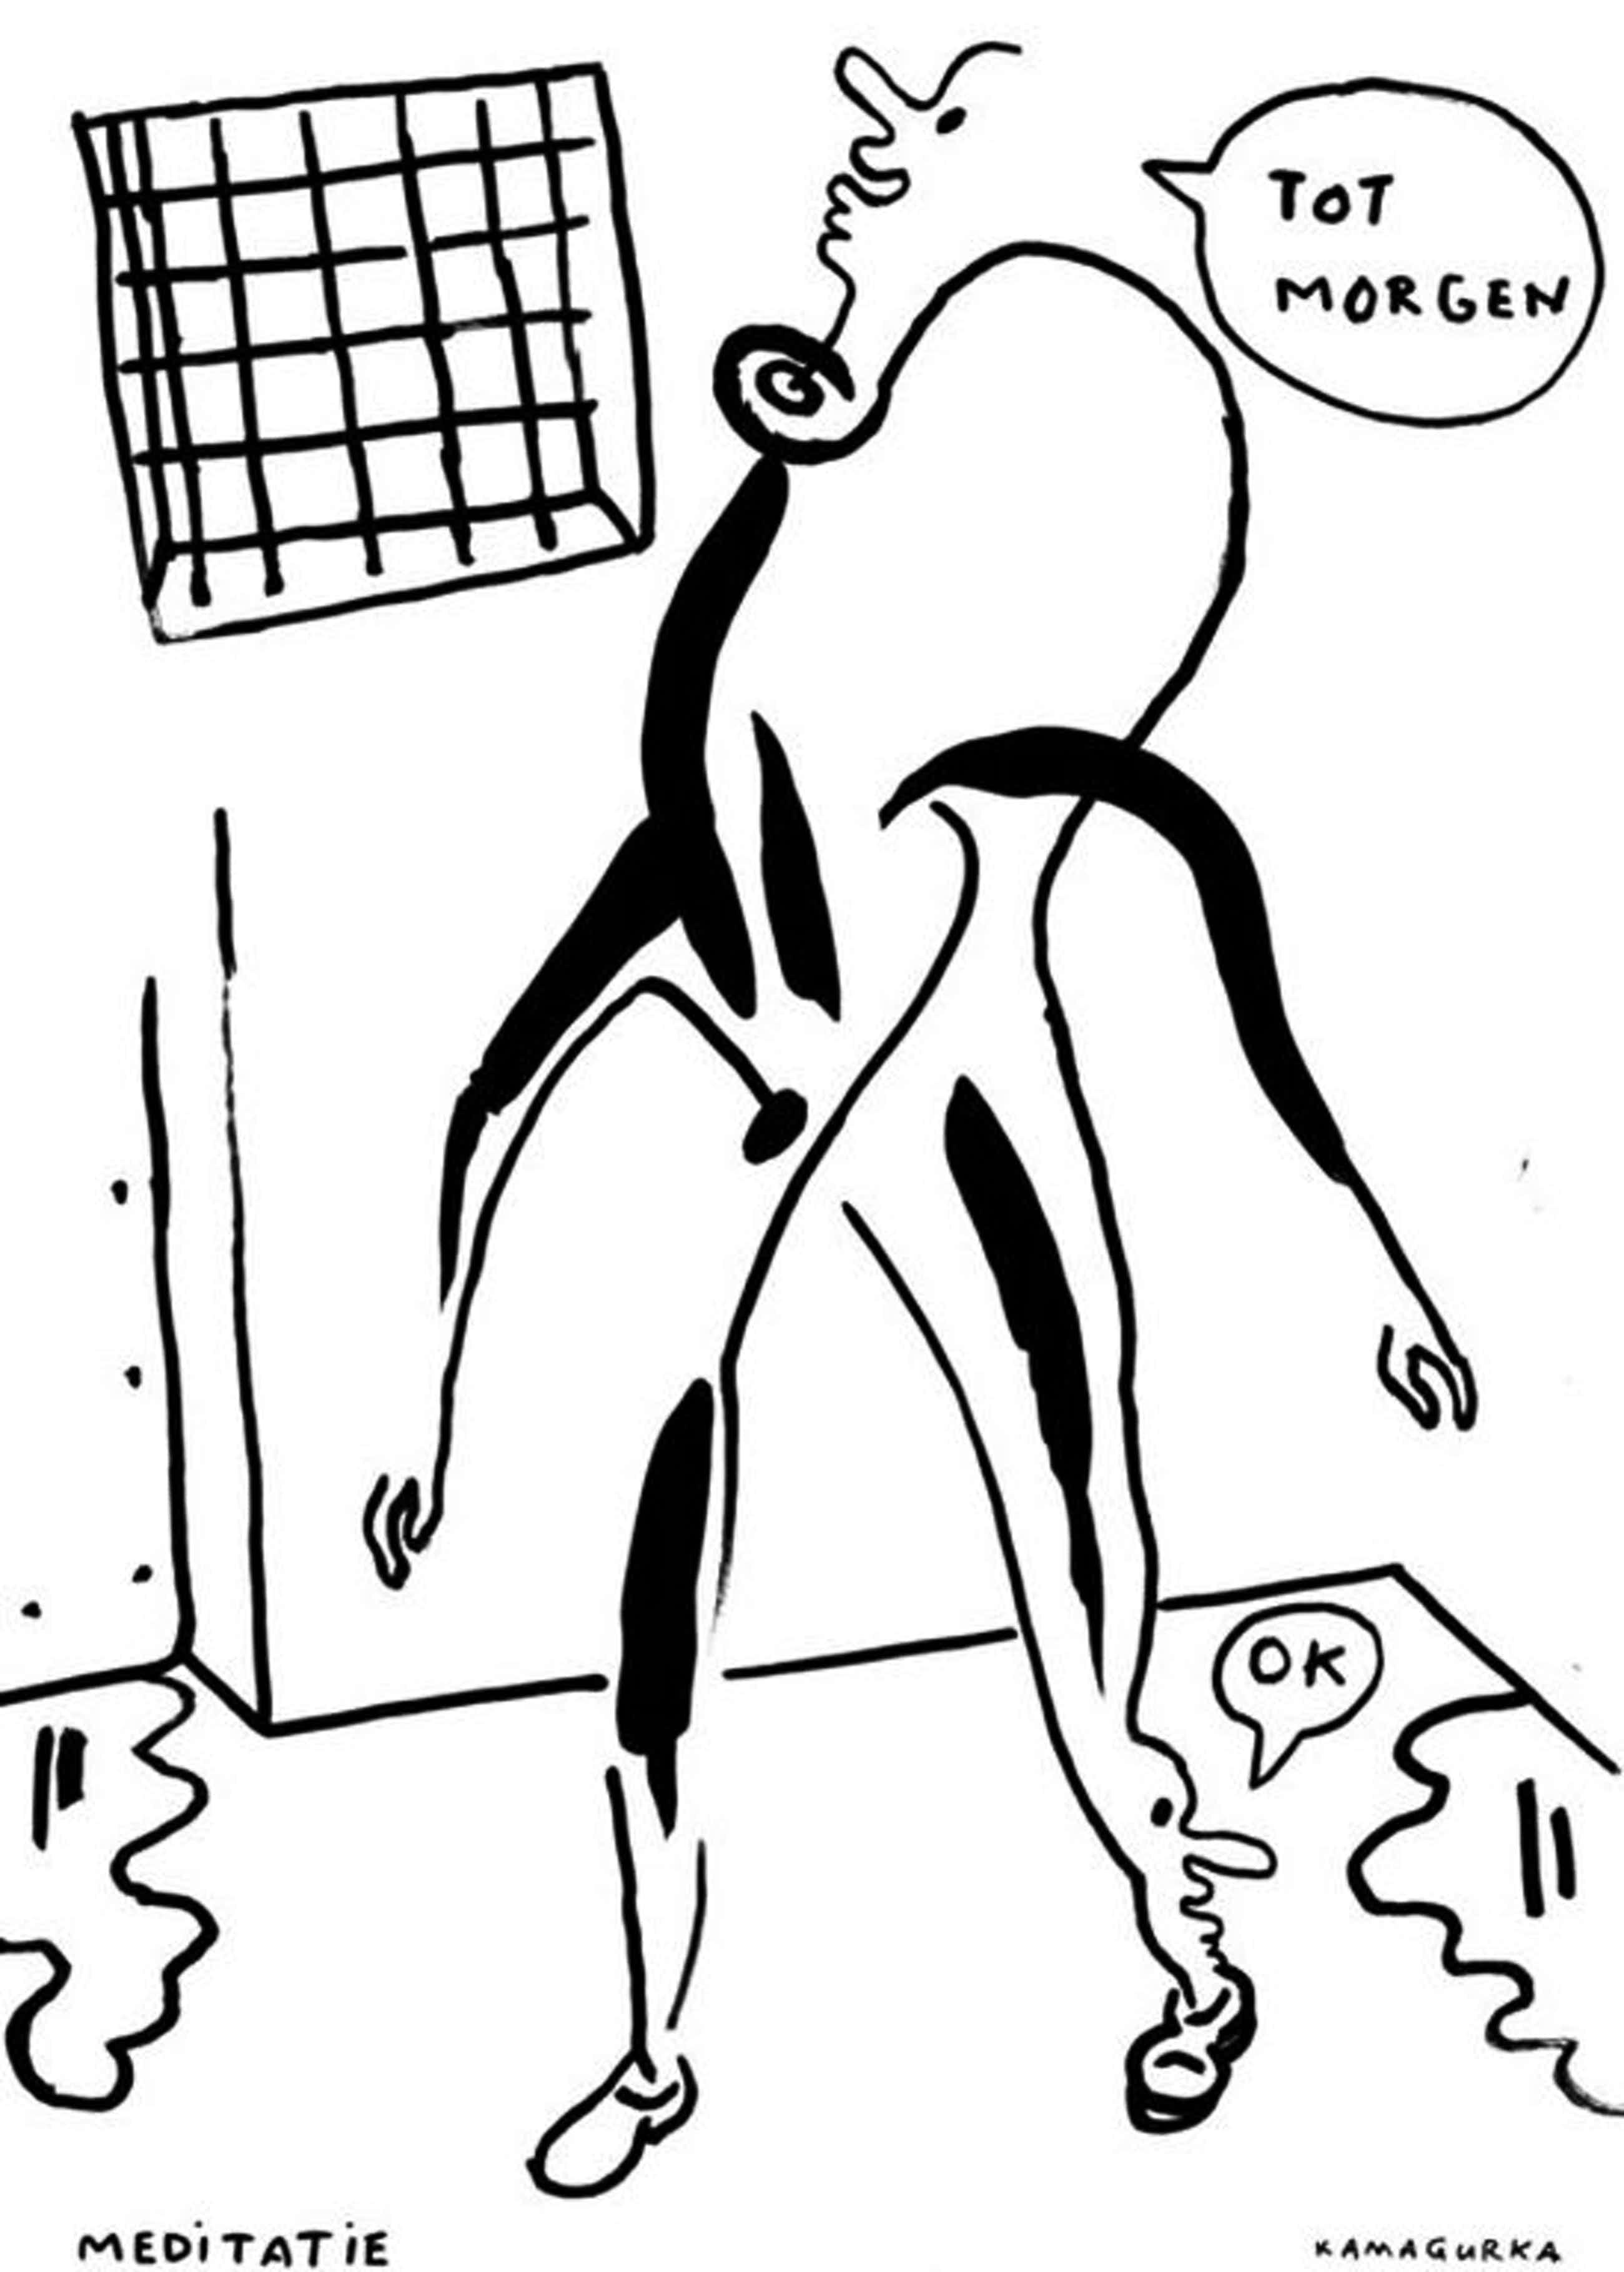 KAMAGURKA originele  grote tekening ,gesigneerd kopen? Bied vanaf 270!